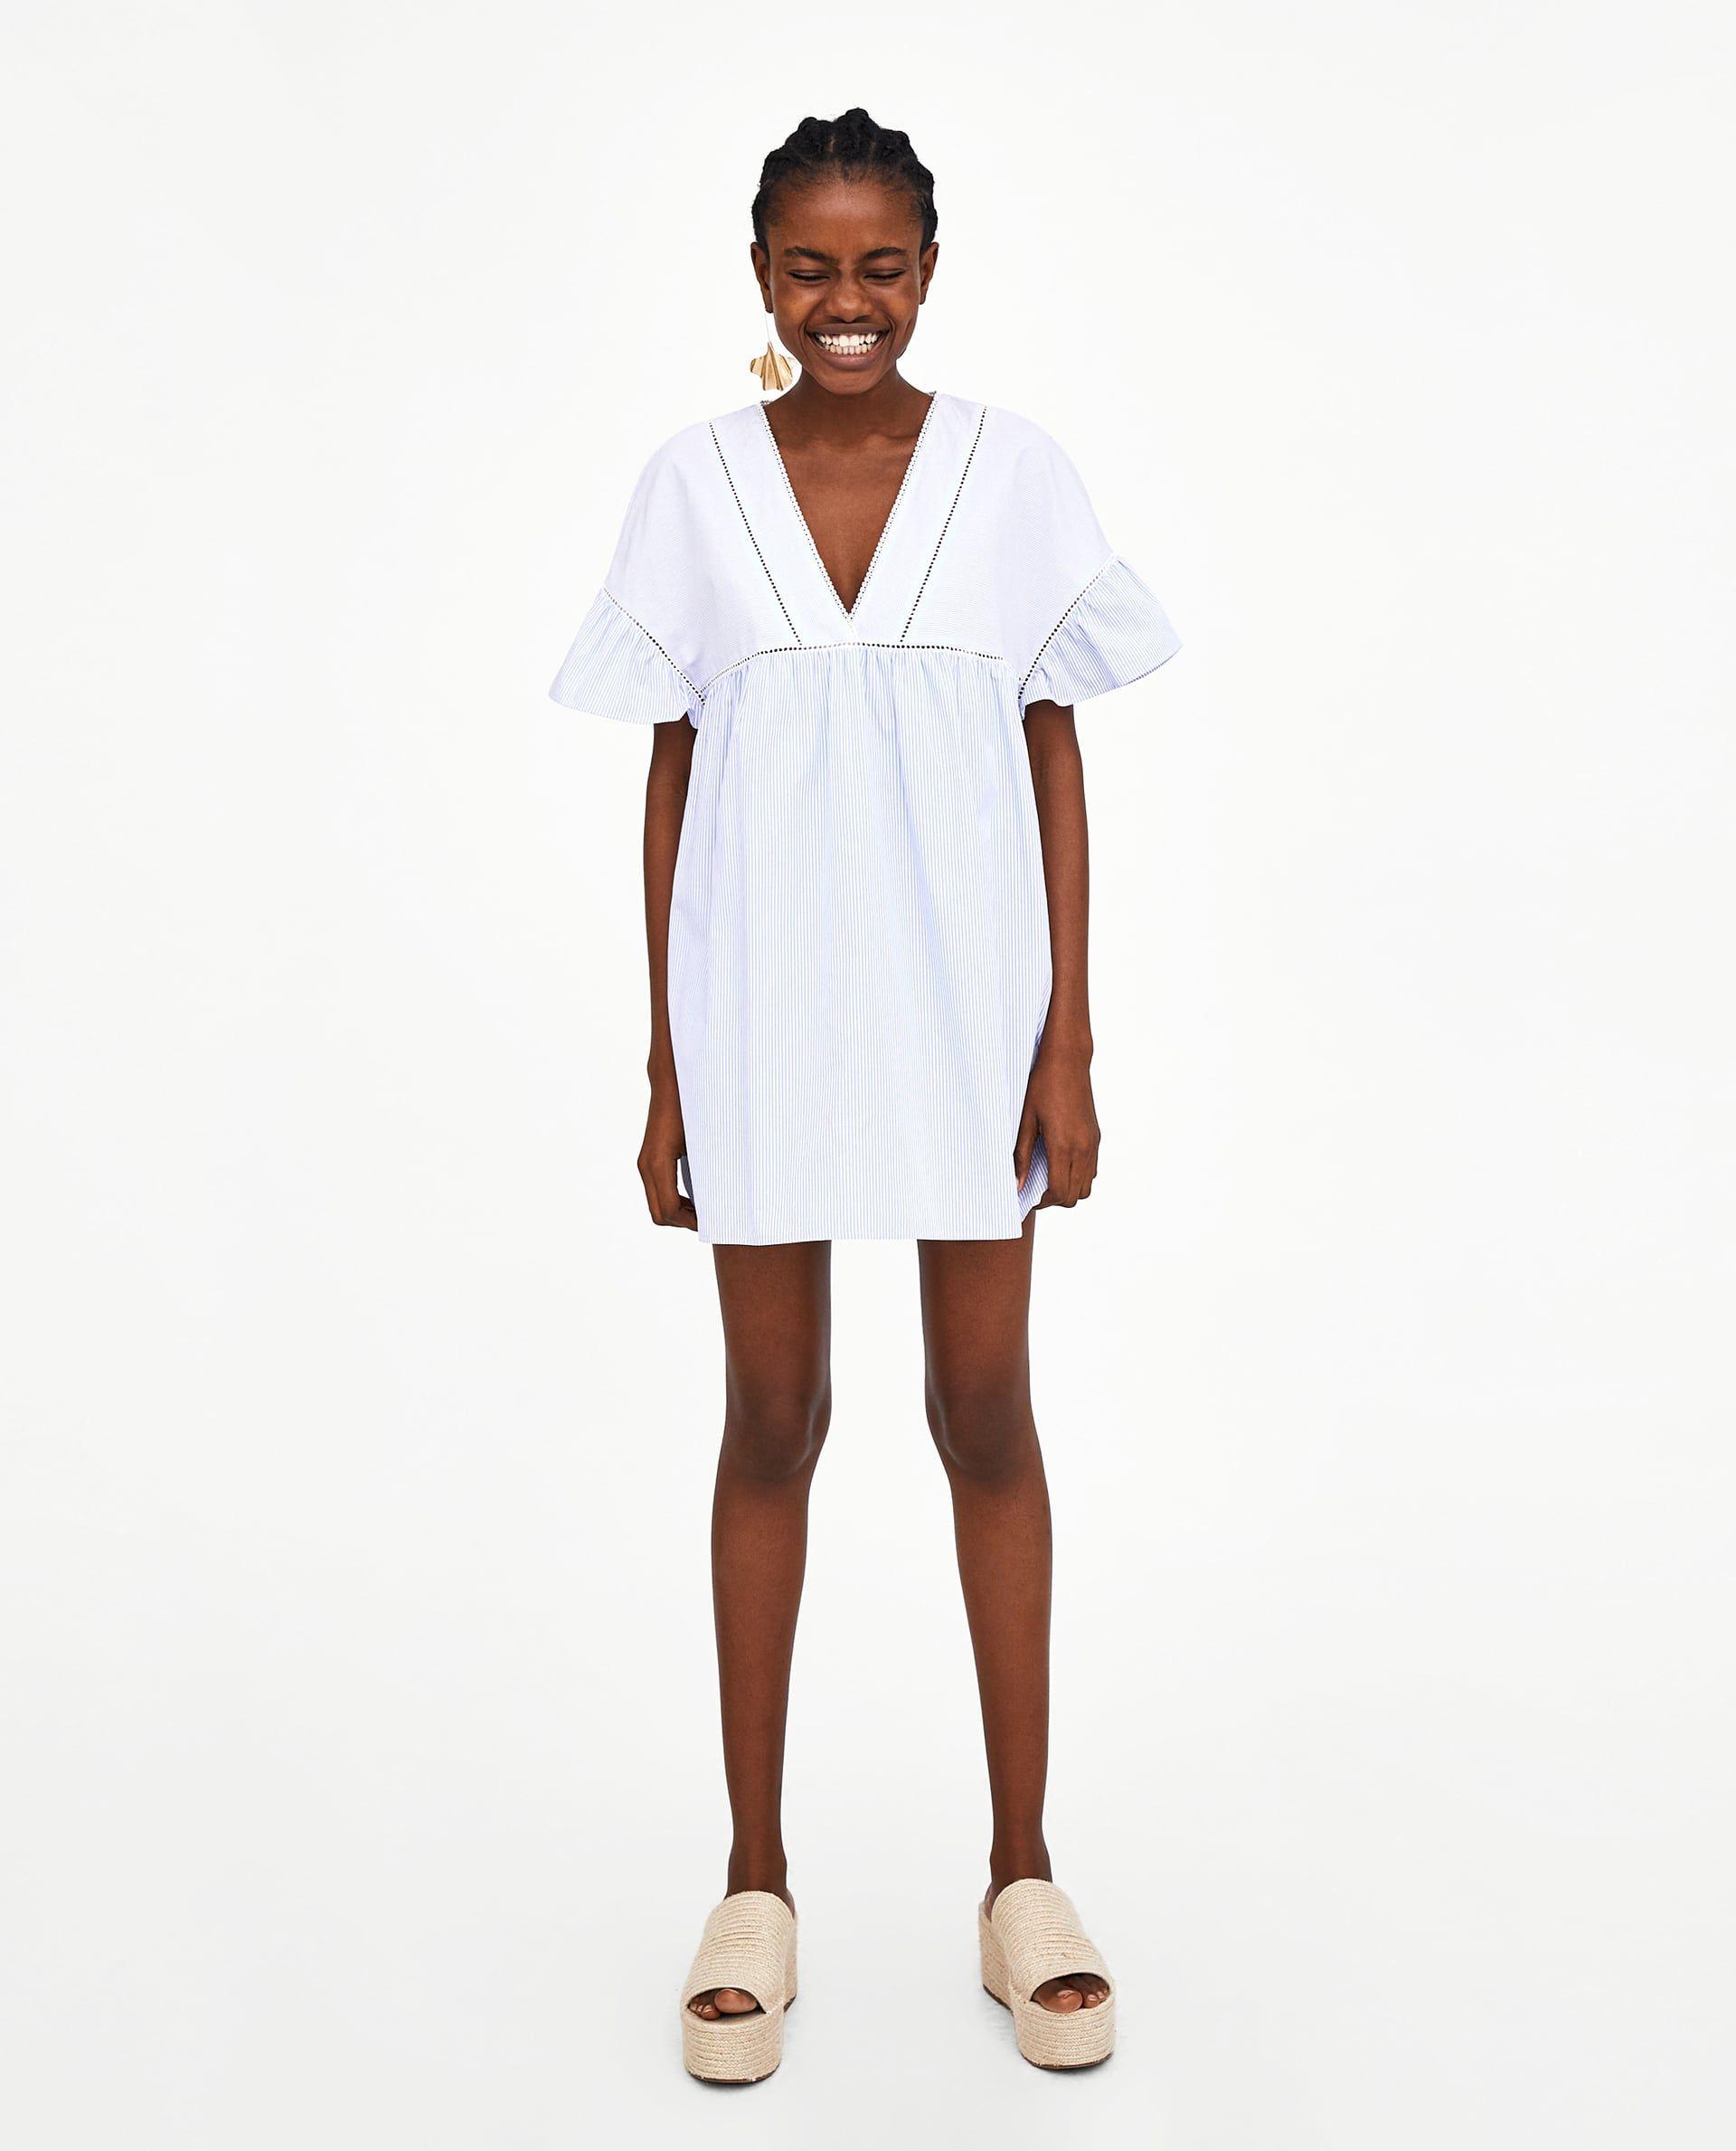 Vestido Y Mono Veux Zara Femme Chemise CamiseroJe RobeRobe SqzMVGUp